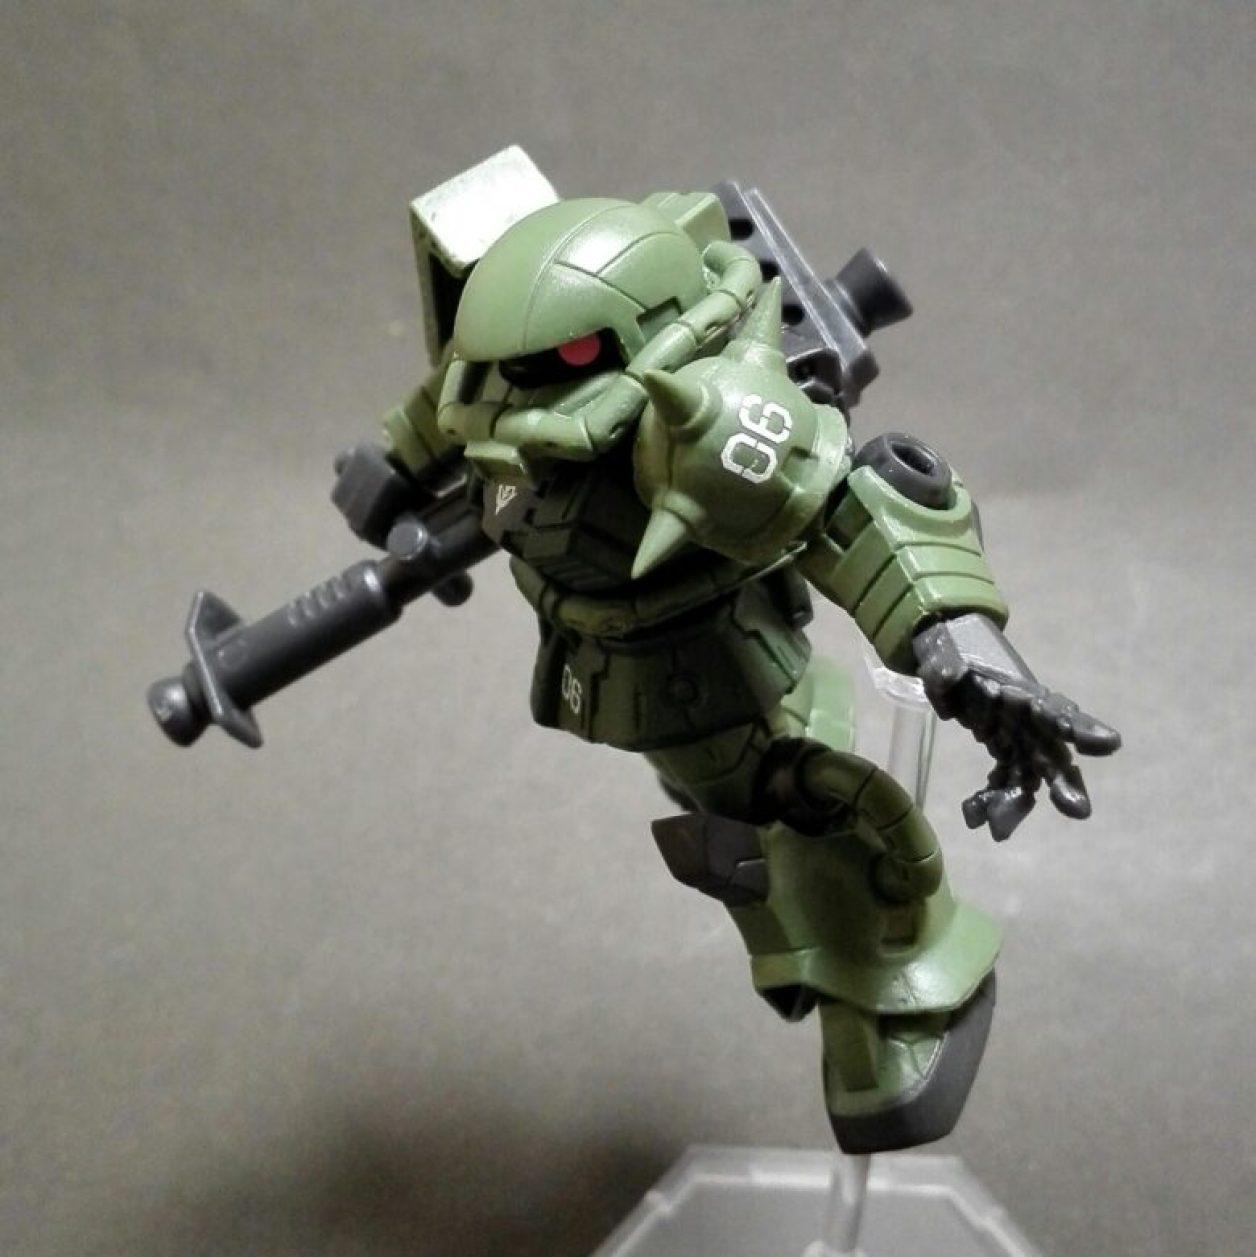 mobile suit ensemble(モビルスーツアンサンブル)1.5弾のザク(マーキングプラス)に04弾のMS武器セットよりケンプファー用のジャイアント・バズーカIIを装備させた画像